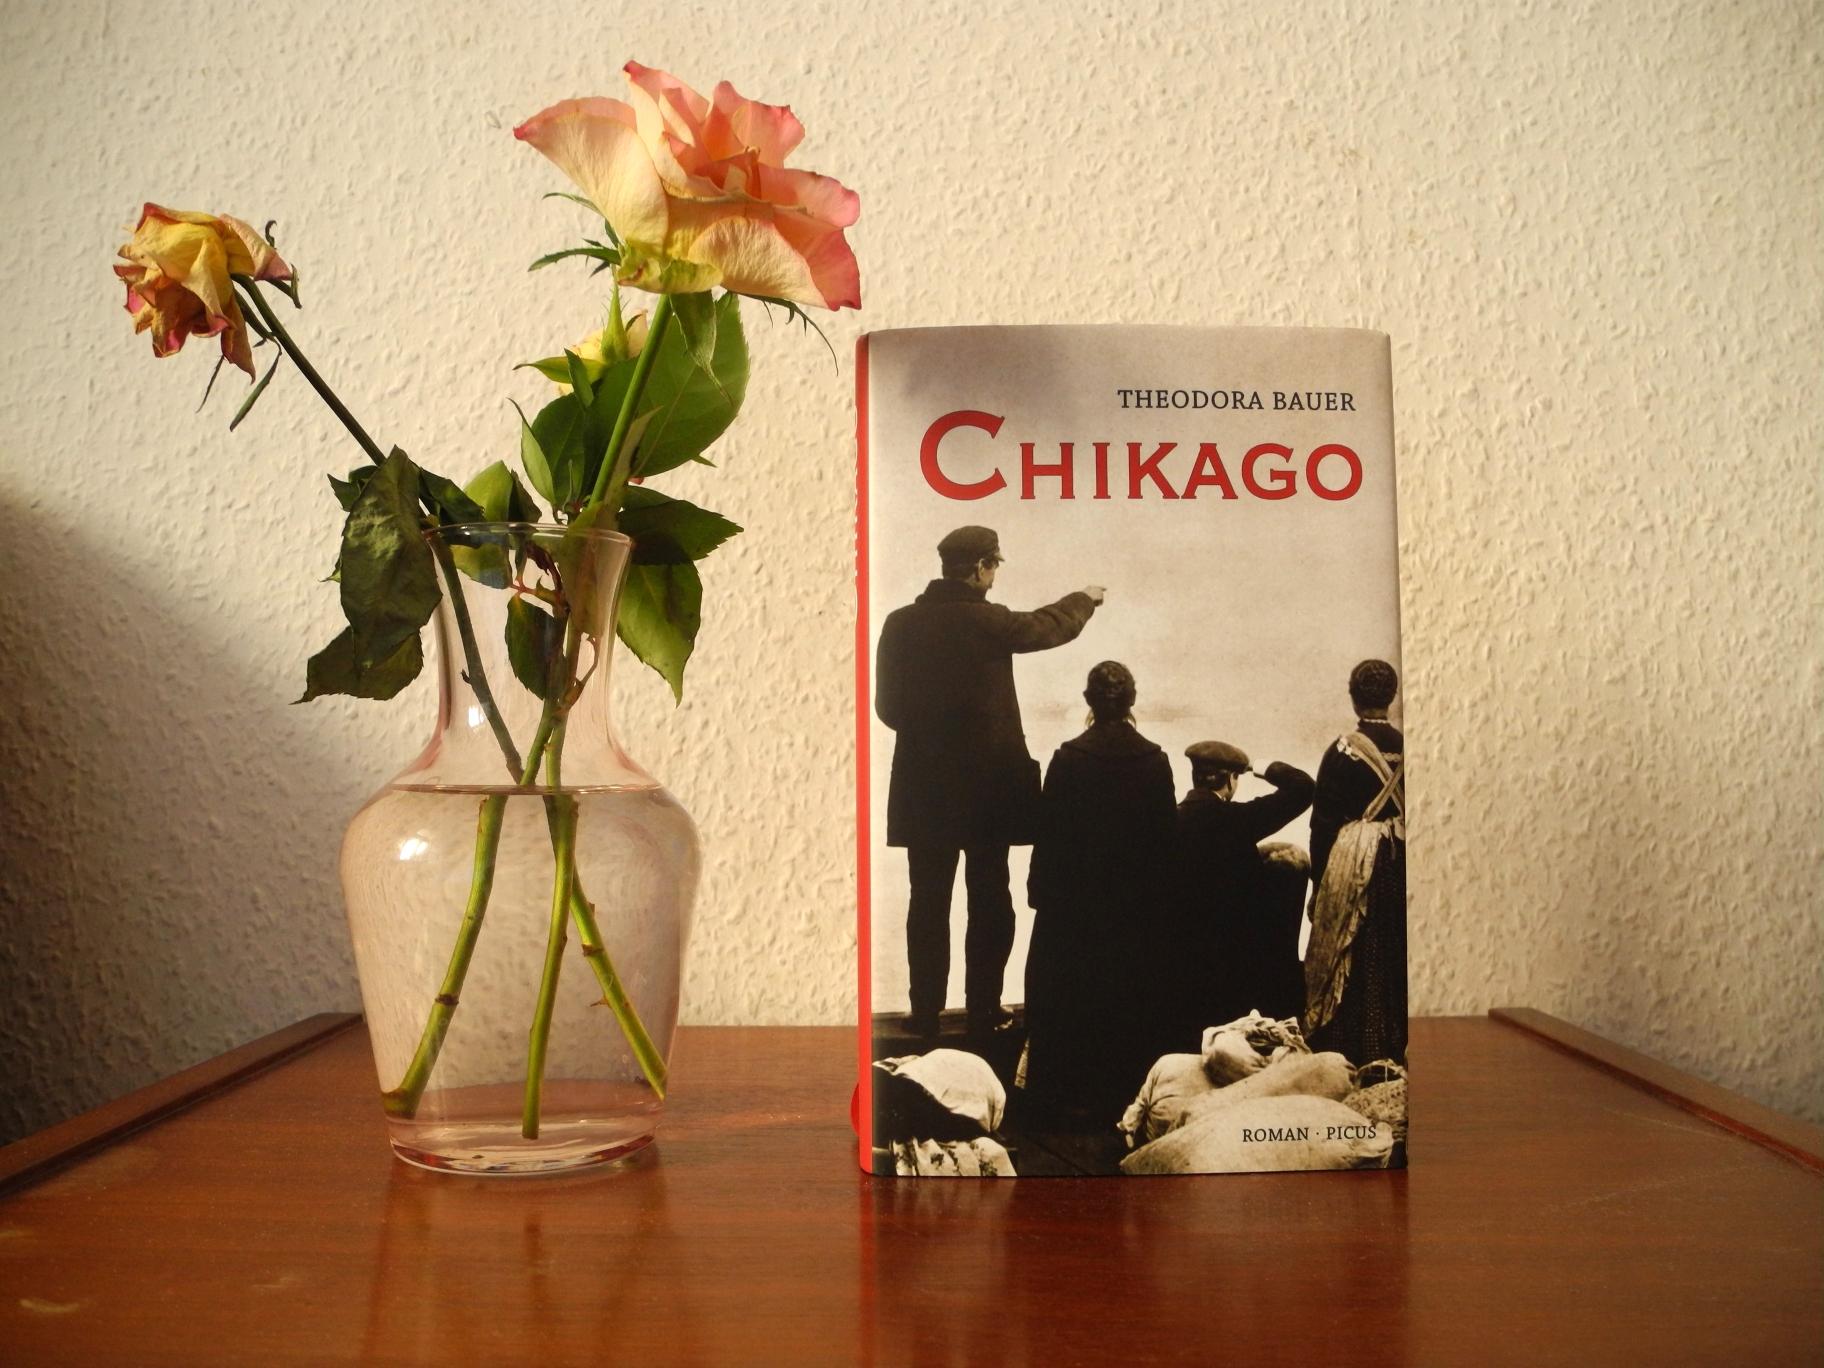 Theodora Bauer: Chikago